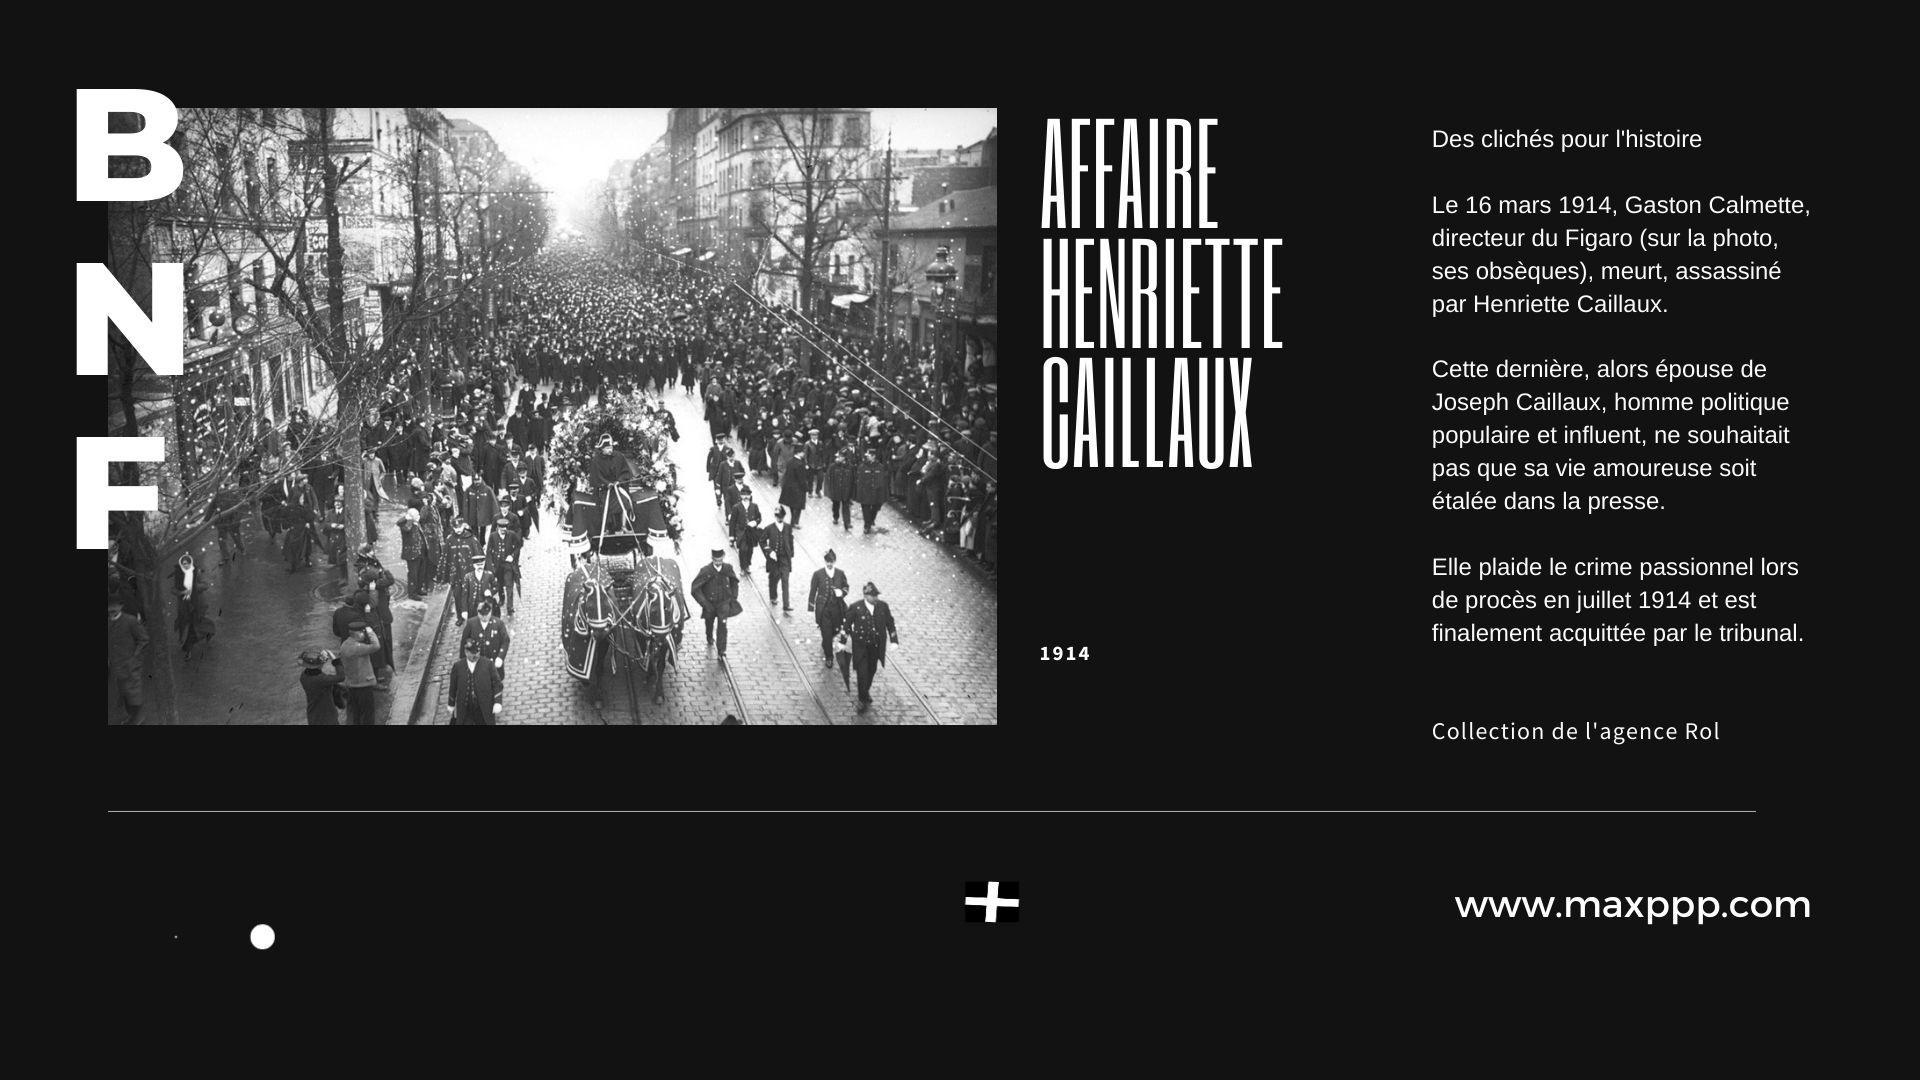 Henriette Caillaux tue le directeur du Figaro Gaston Calmette